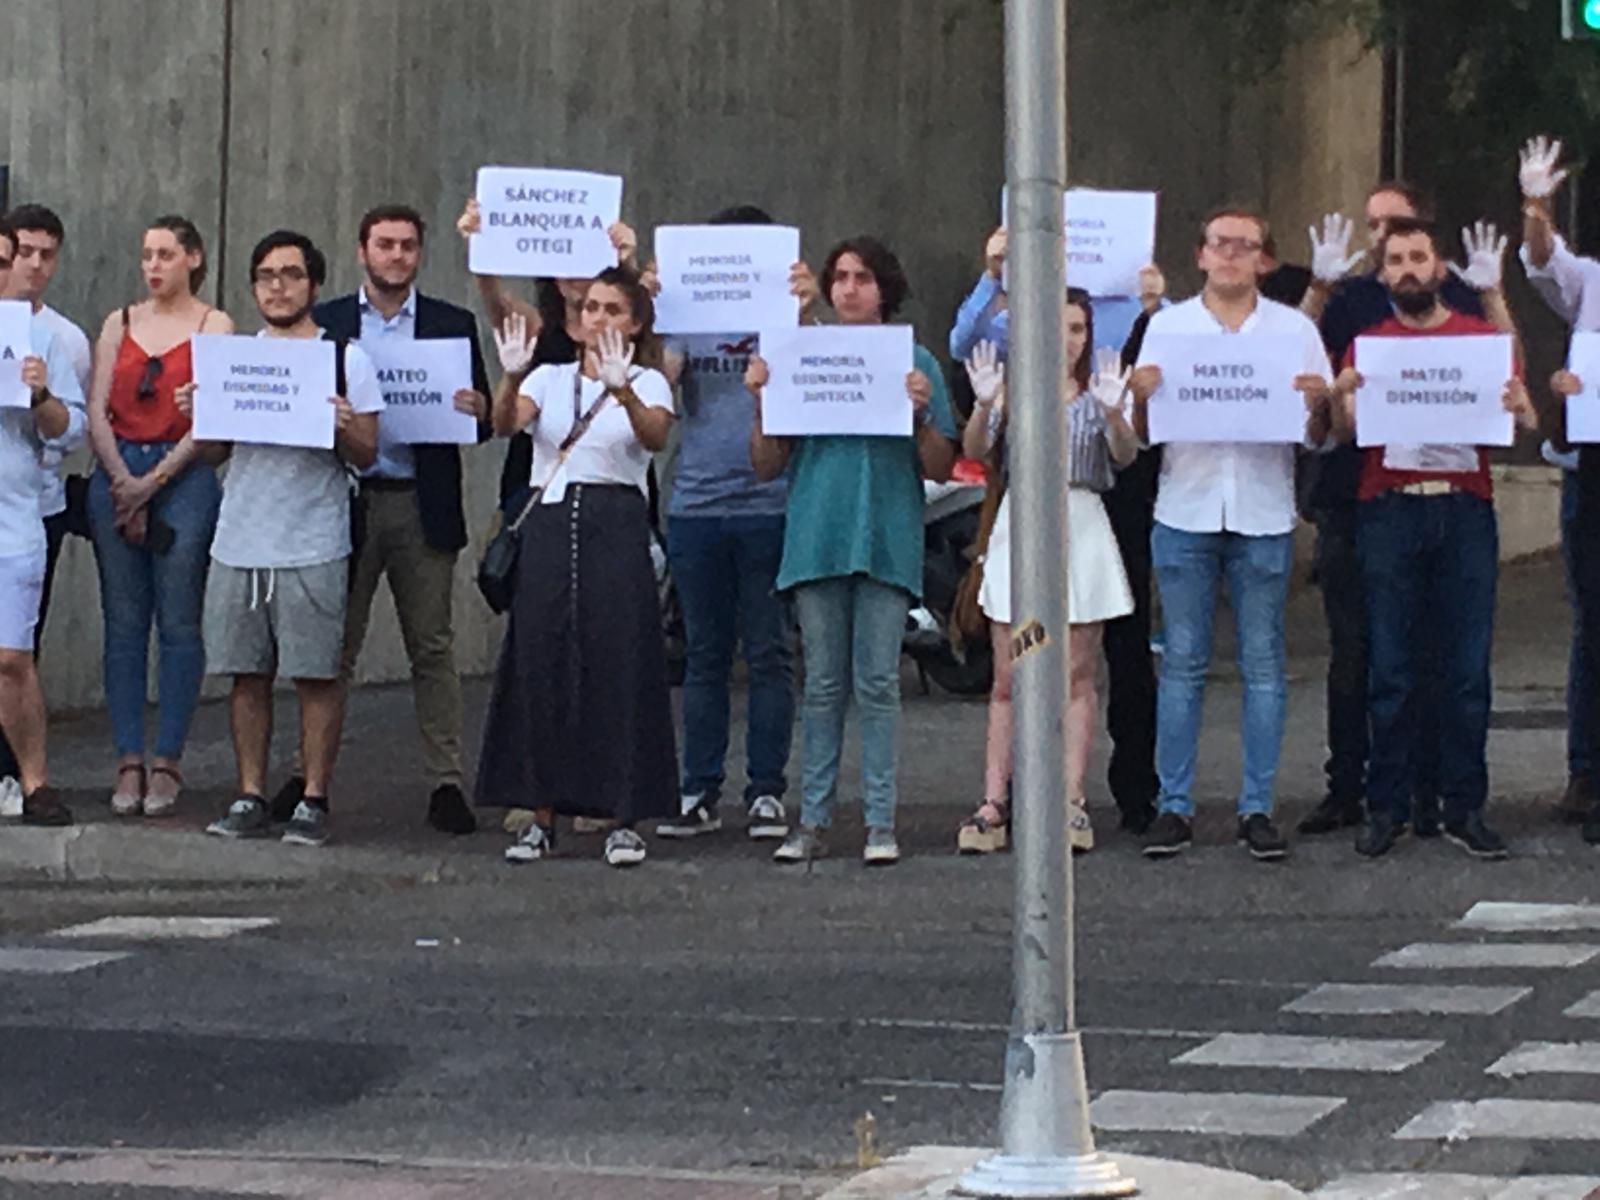 Decenas de personas han llegado hasta las instalaciones de Torrespaña, una de las sedes de TVE ubicada en la zona madrileña de O'Donnell, con carteles de protesta contra la entrevista que en menos de media hora le harán al etarra Arnaldo Otegi en el Canal 24 horas